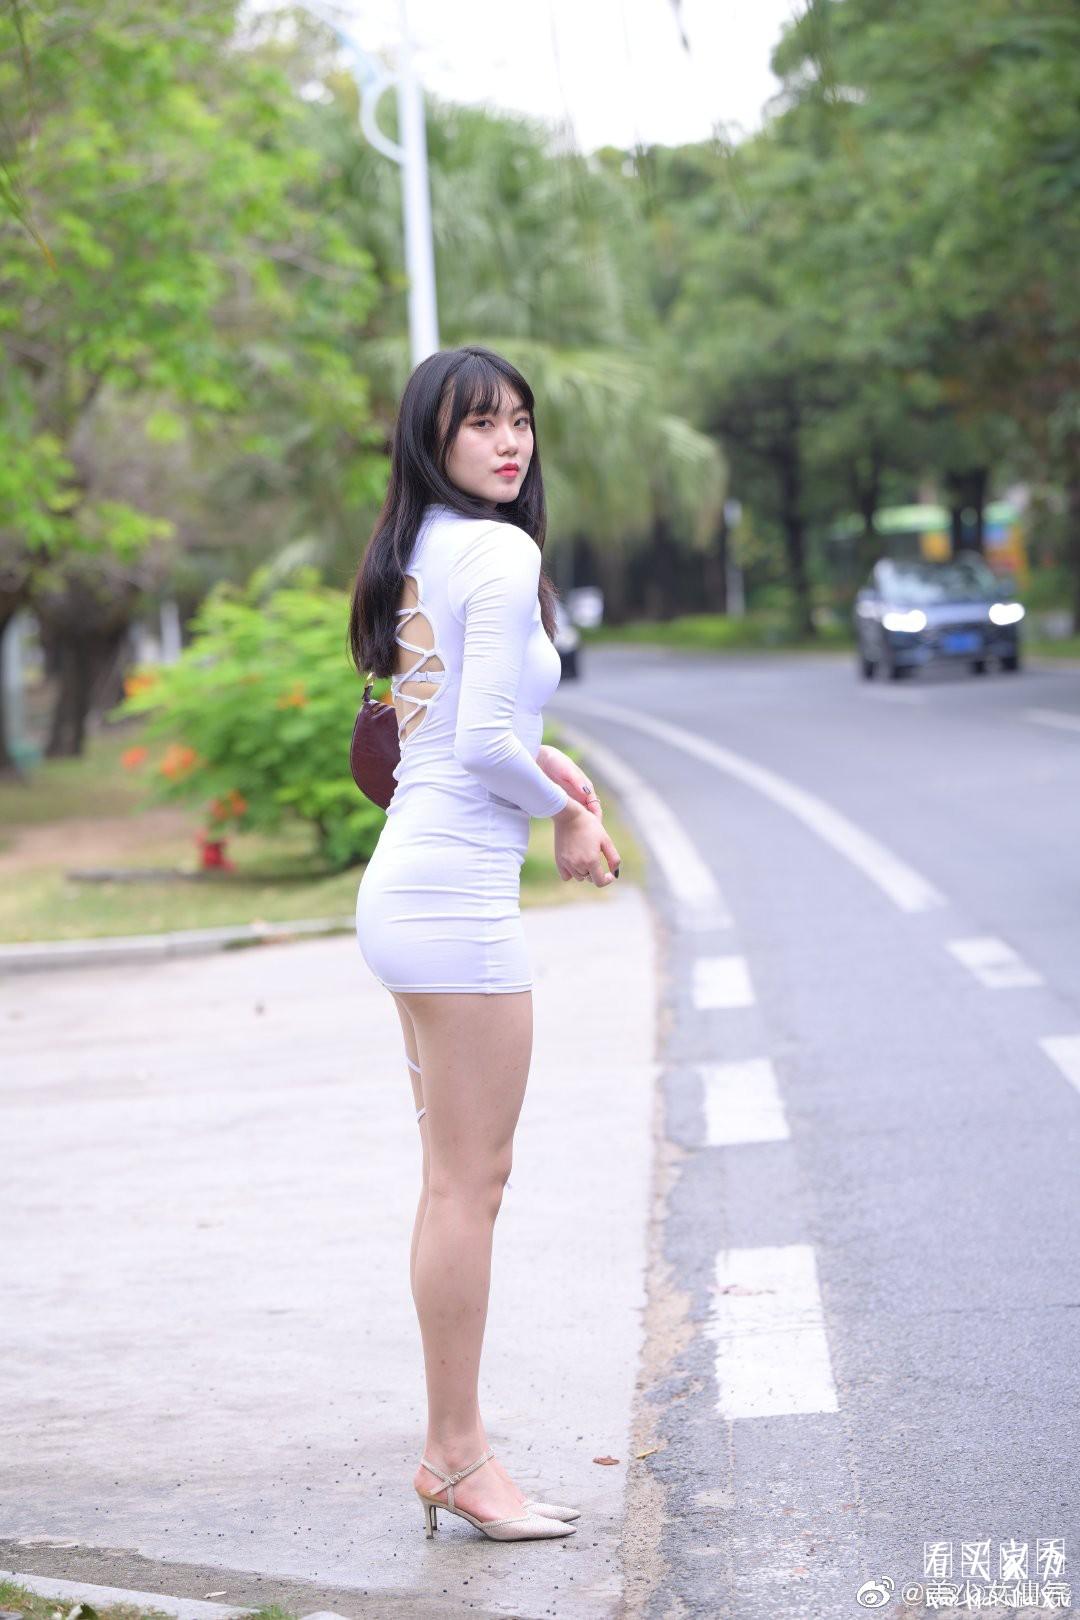 [街拍美女]街拍镂空包臀裙美女,裙子太短了臀部都包不住了5